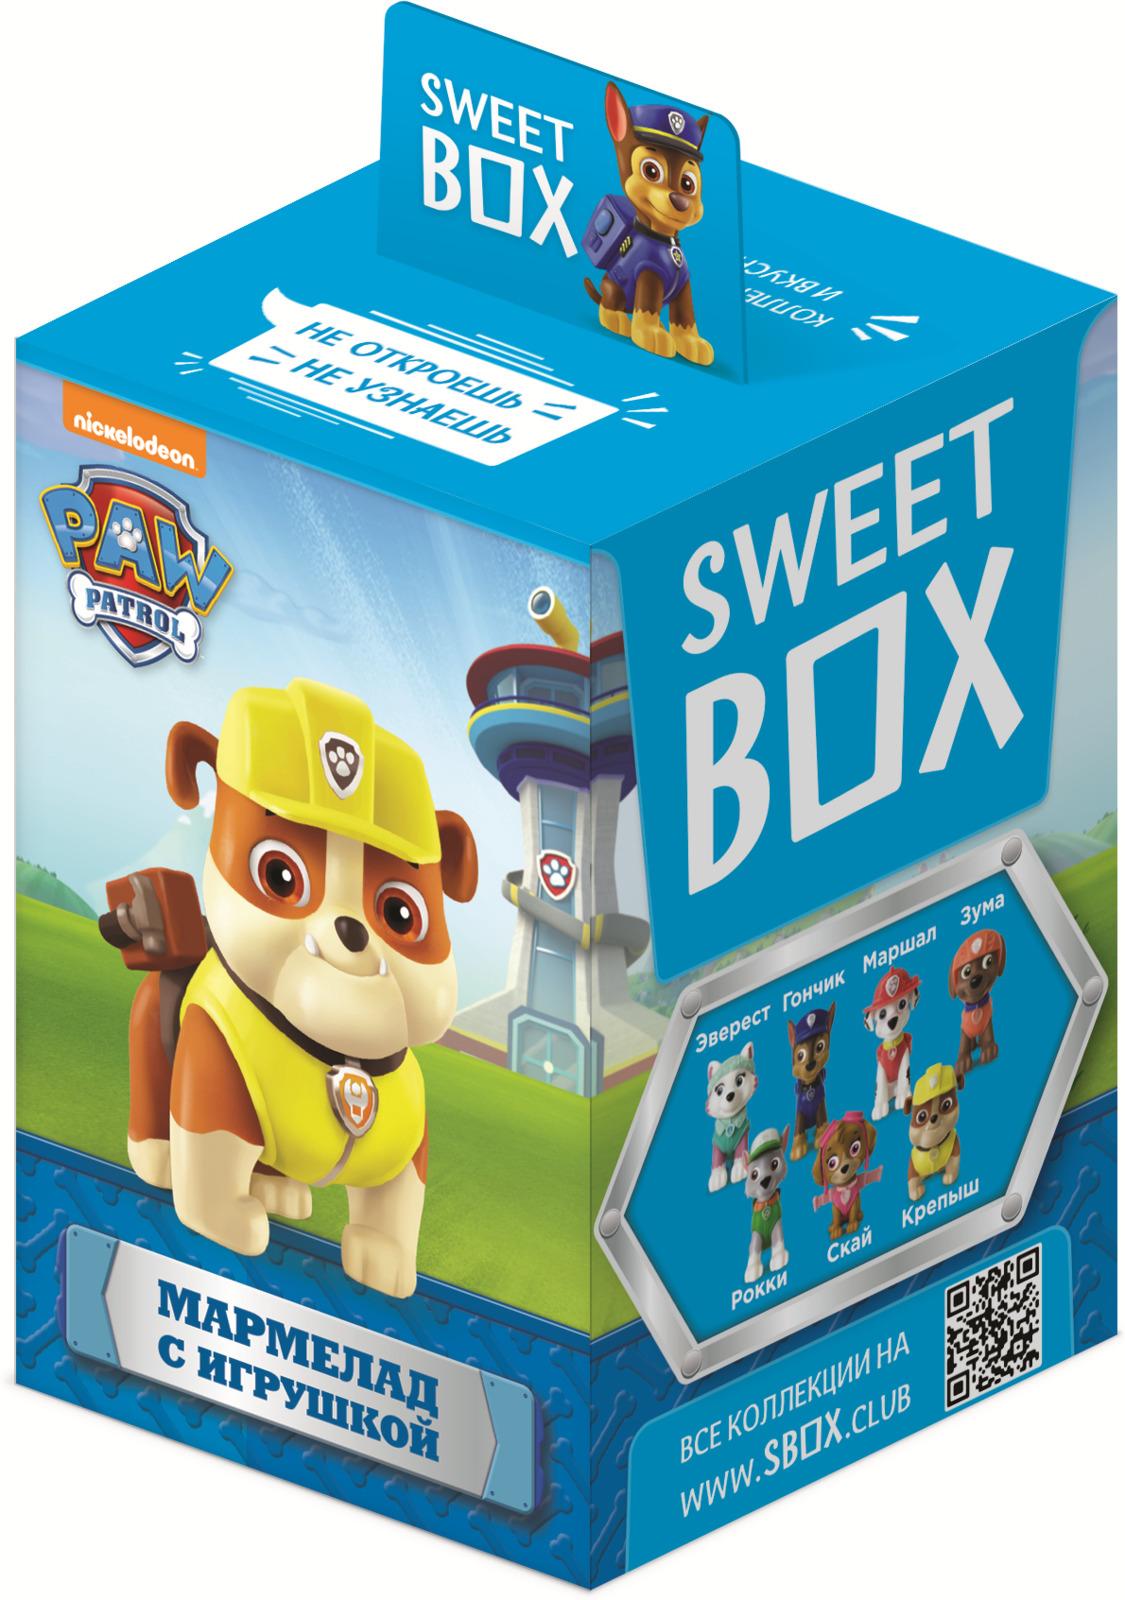 Sweet Box Конфитрейд Щенячий патруль, мармелад с игрушкой, 10 г мармелад конфитрейд щенячий патруль